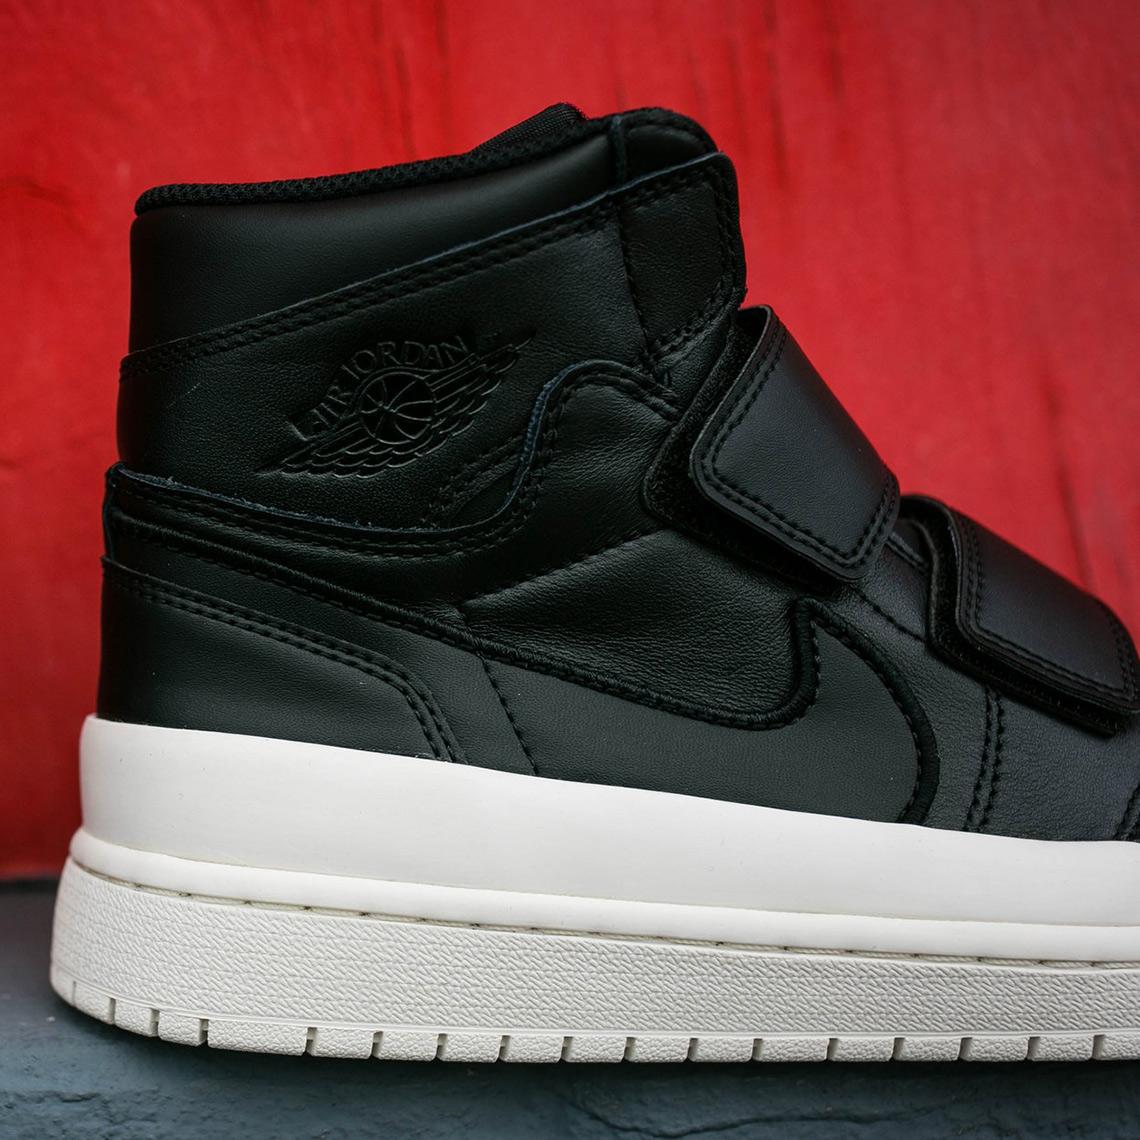 best authentic ae126 3c0e4 Air Jordan 1 Double Strap Black/Sail Buy Now | SneakerNews.com